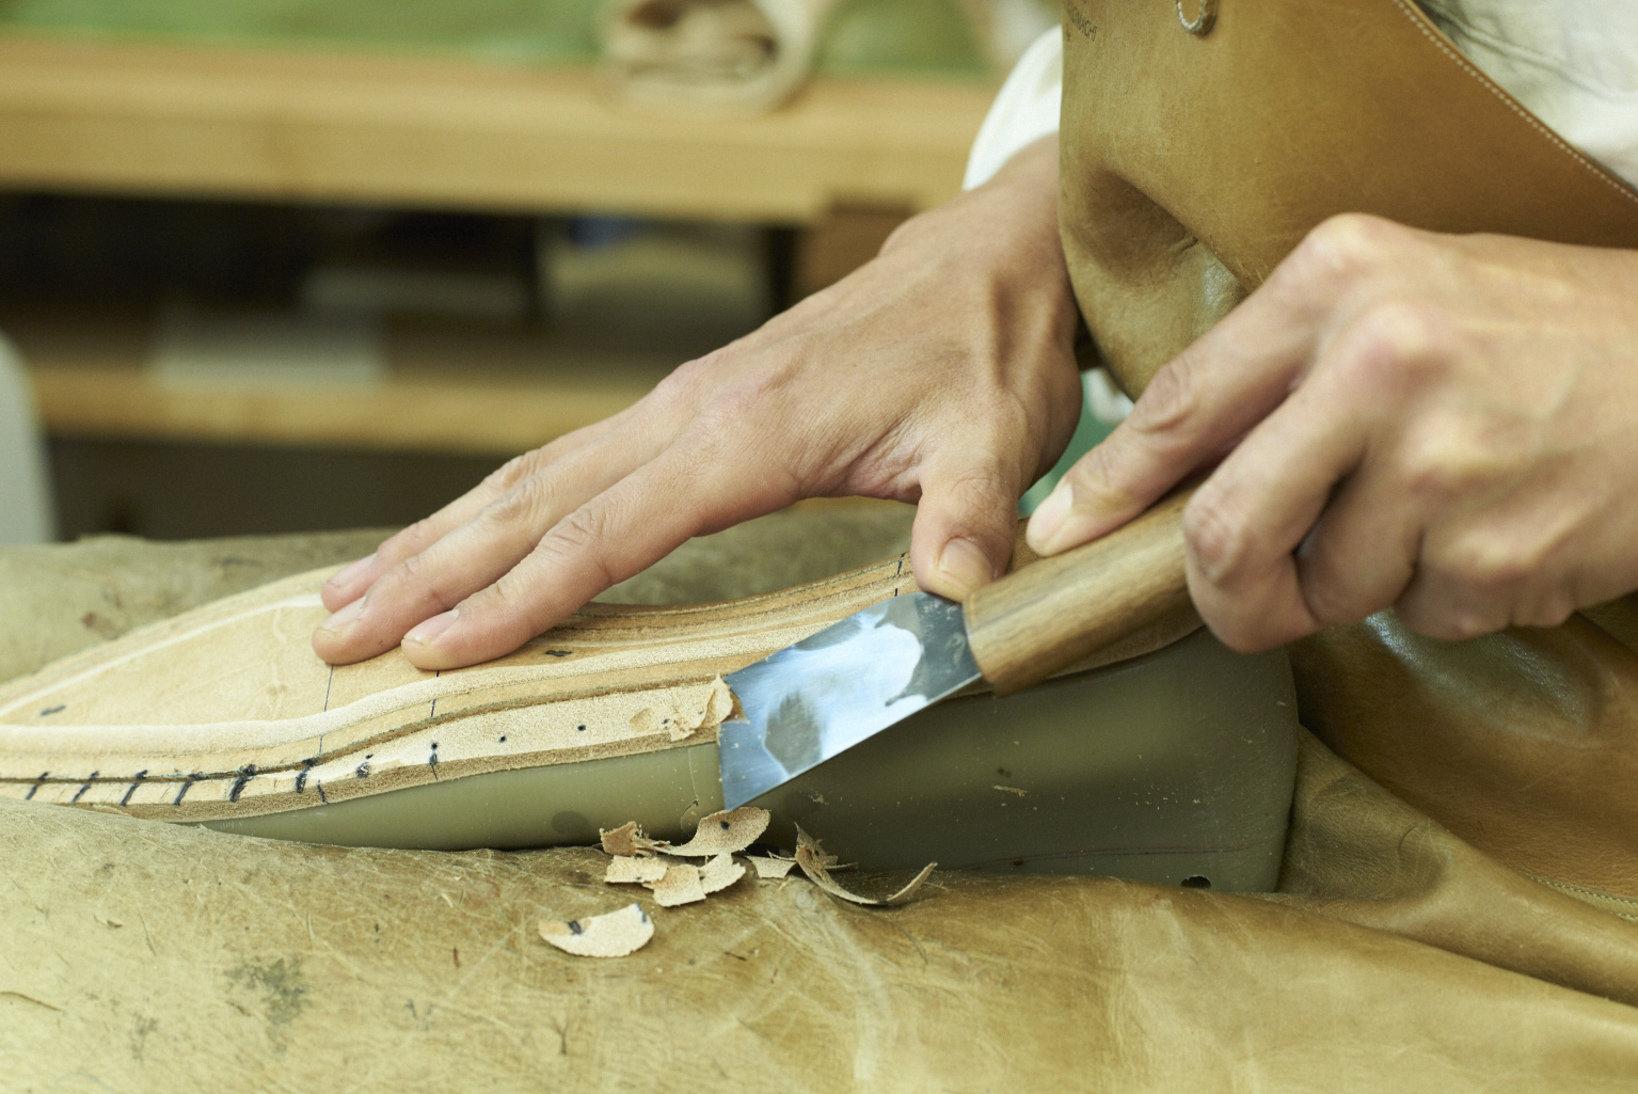 アウトソールの縫合やヒールの取り付けなどのボトムメイキング(底付け)を担当する小関貴一郎氏。Hiro Yanagimachi の靴特有の「立体感」は、並外れた集中力を有する彼の作業の賜物だ。